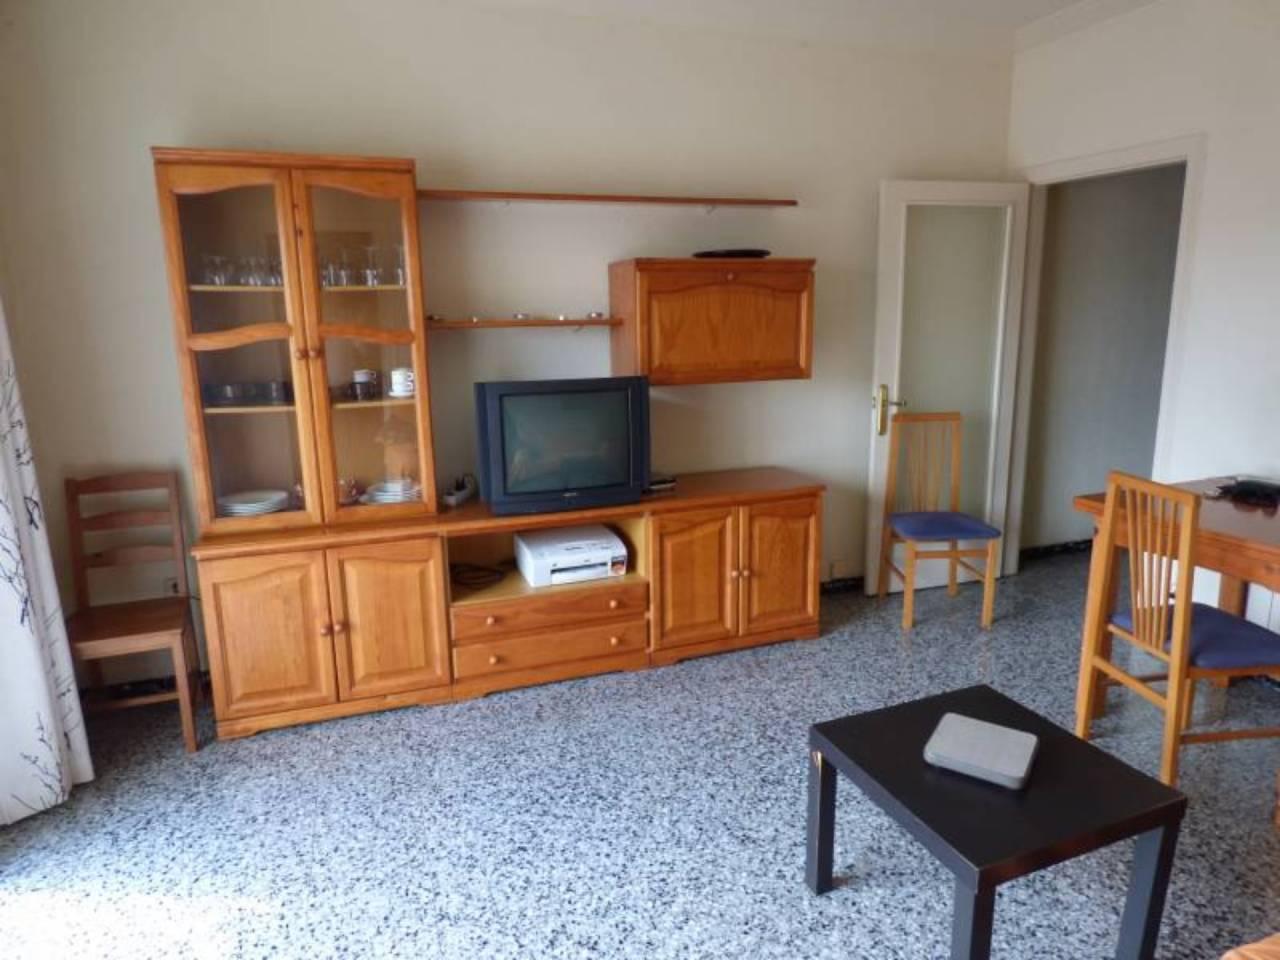 Lloguer Pis  Poblenou-bases-carretera de santpedor. Piso en alquiler en Manresa zona poble nou, de 86 m2, con cocina